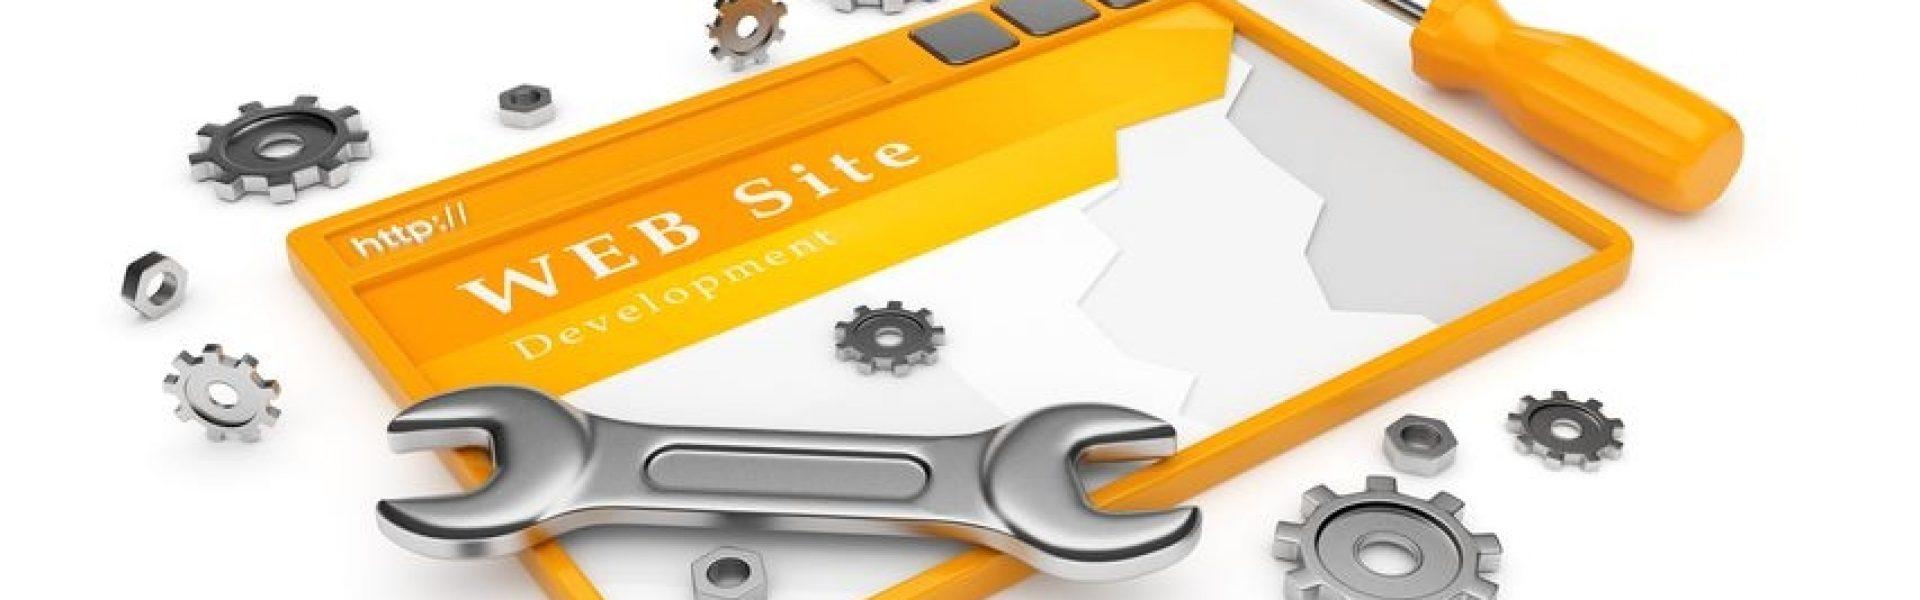 Создание сайтов - онлайн-офис для бизнеса